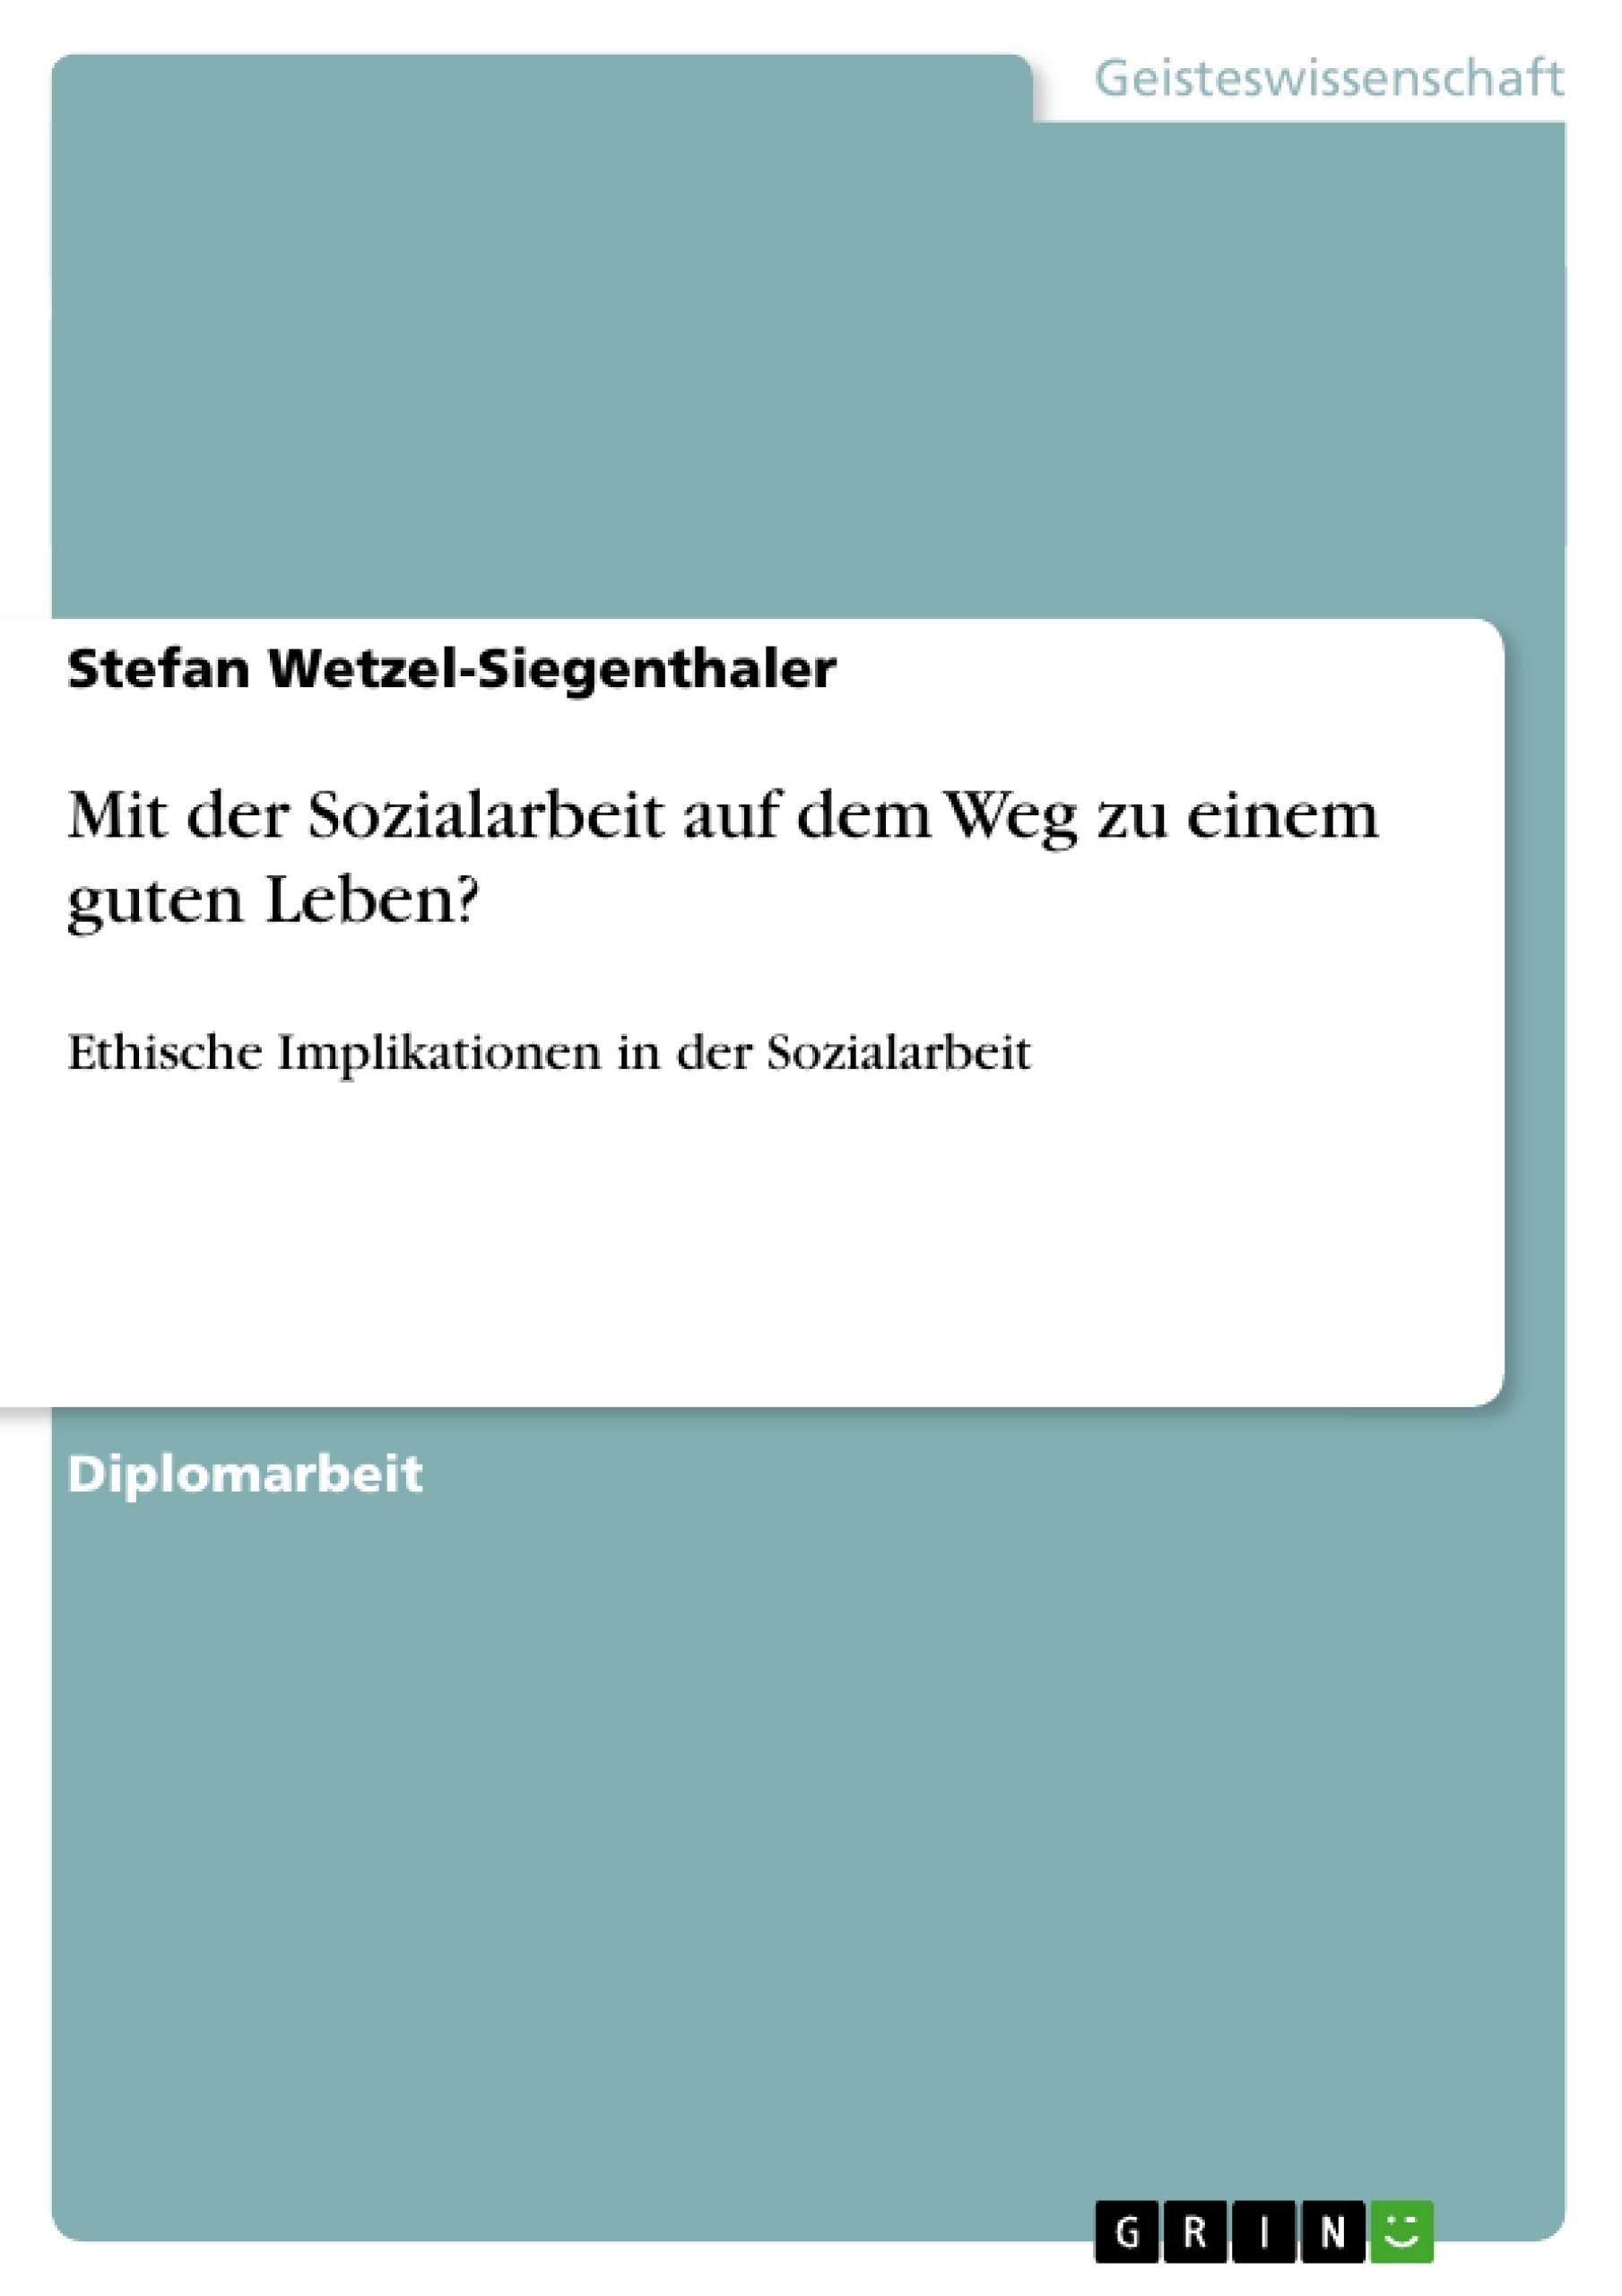 Titel: Mit der Sozialarbeit auf dem Weg zu einem guten Leben?